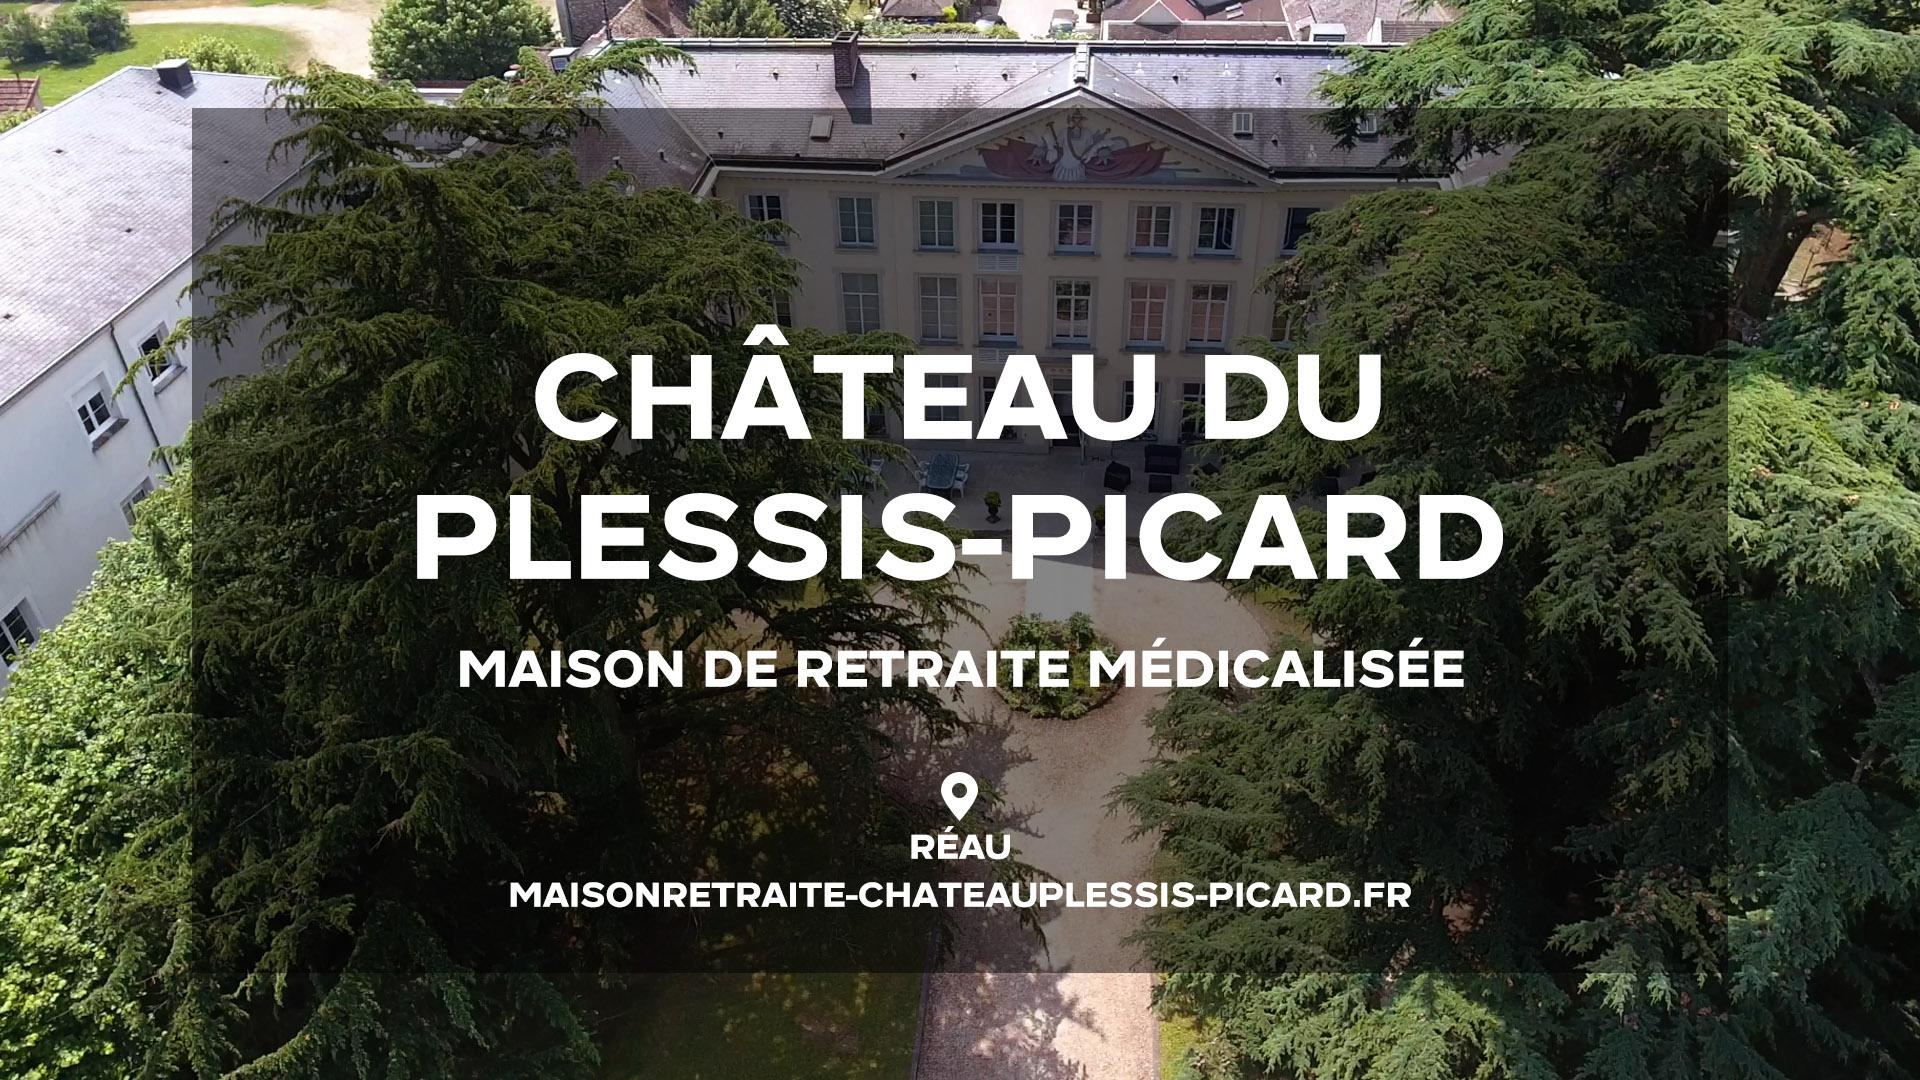 Château Du Plessis Picard - RÉAU